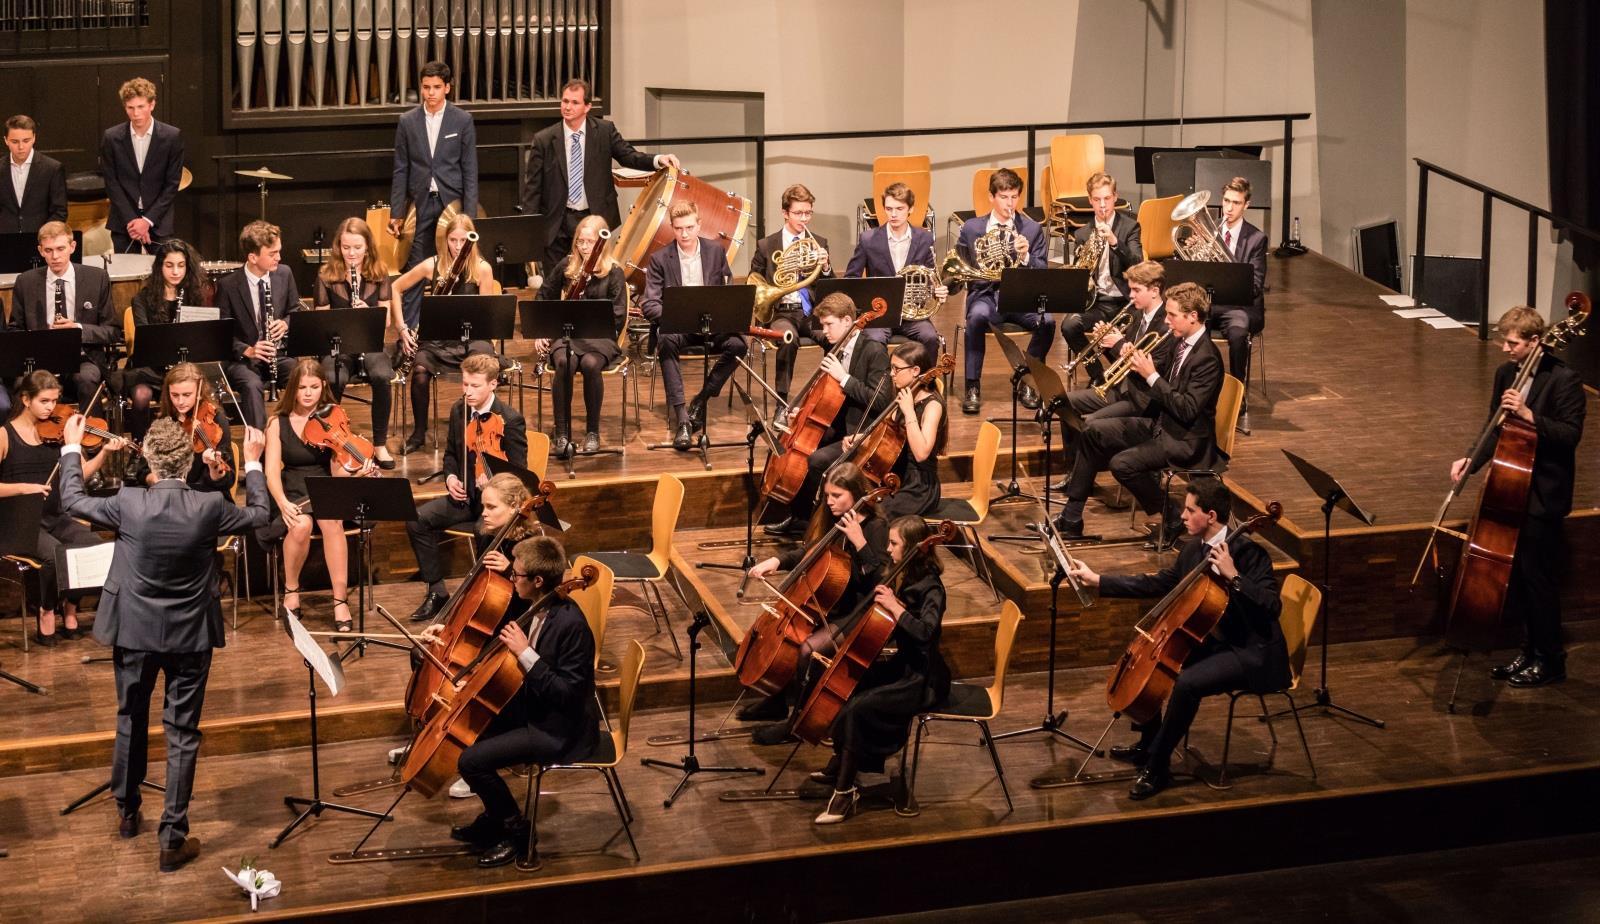 Das Große Orchester unter der Leitung von Herrn Pfannmüller